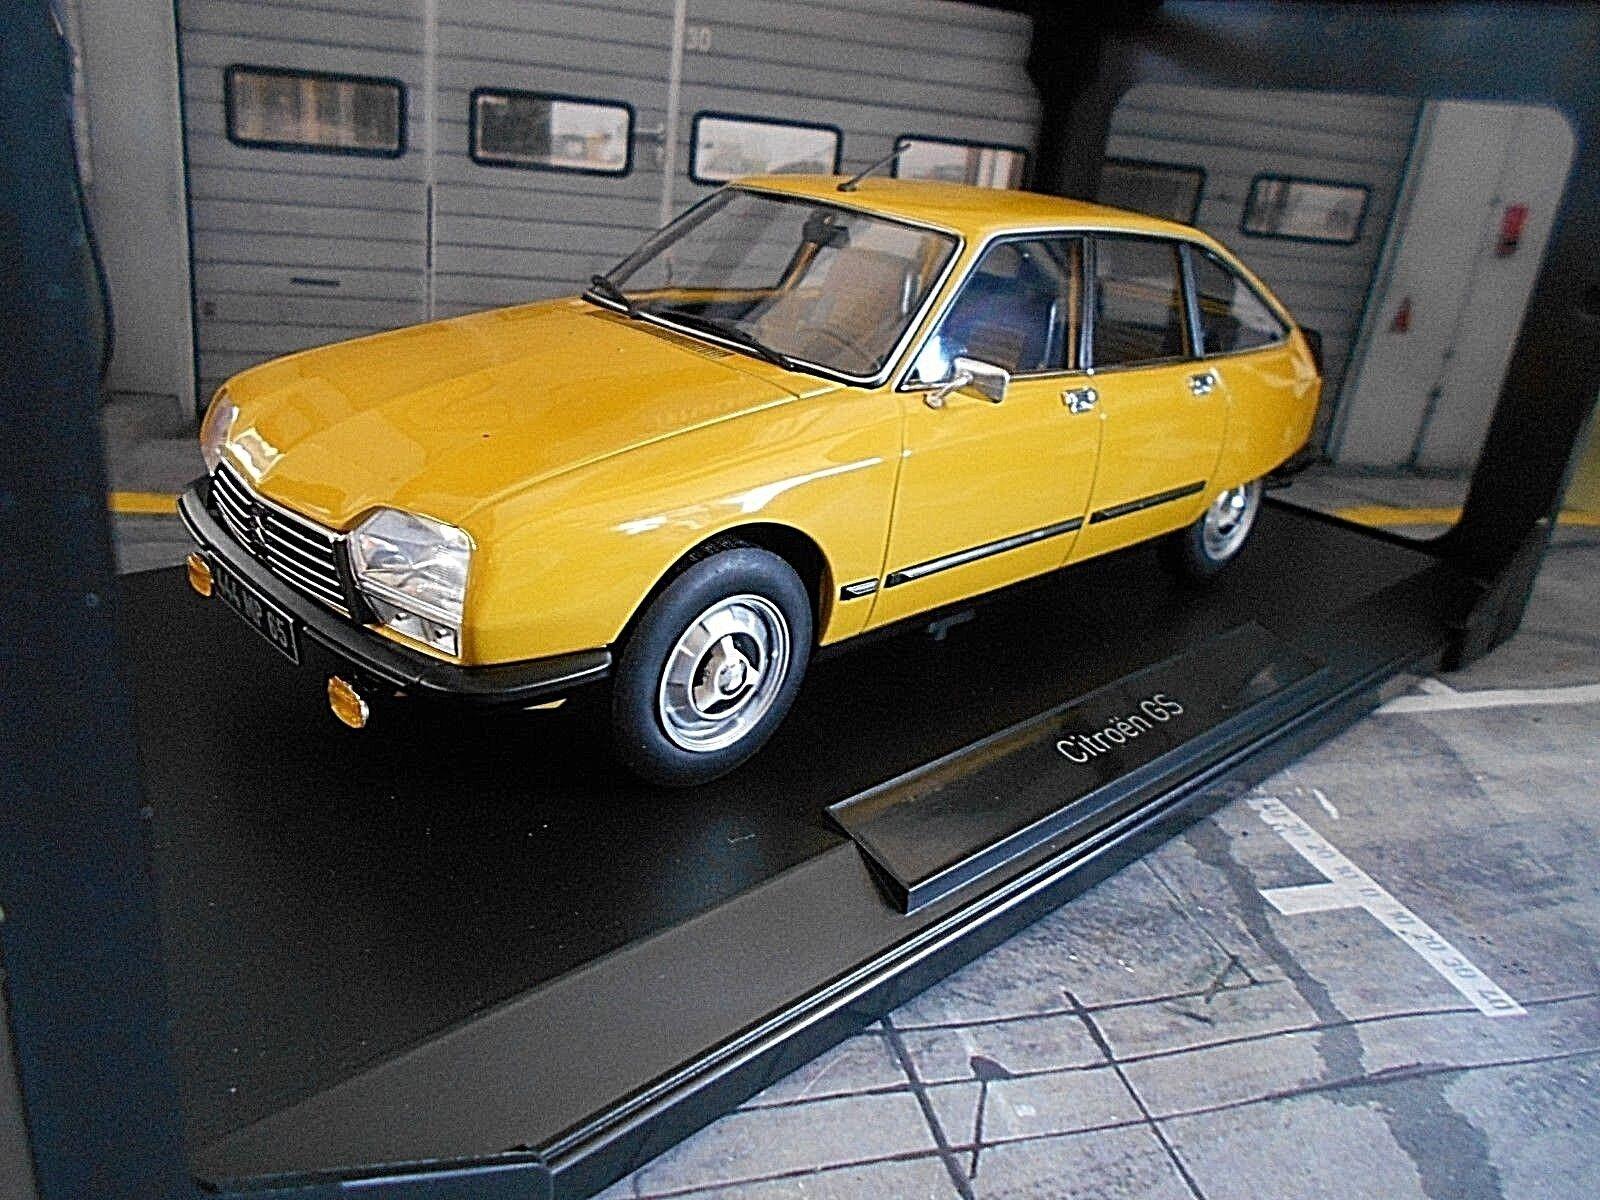 CITROEN GS Berlina x3 SPORT GIALLO giallo 1979 no 181624 NOREV RAR 1:18